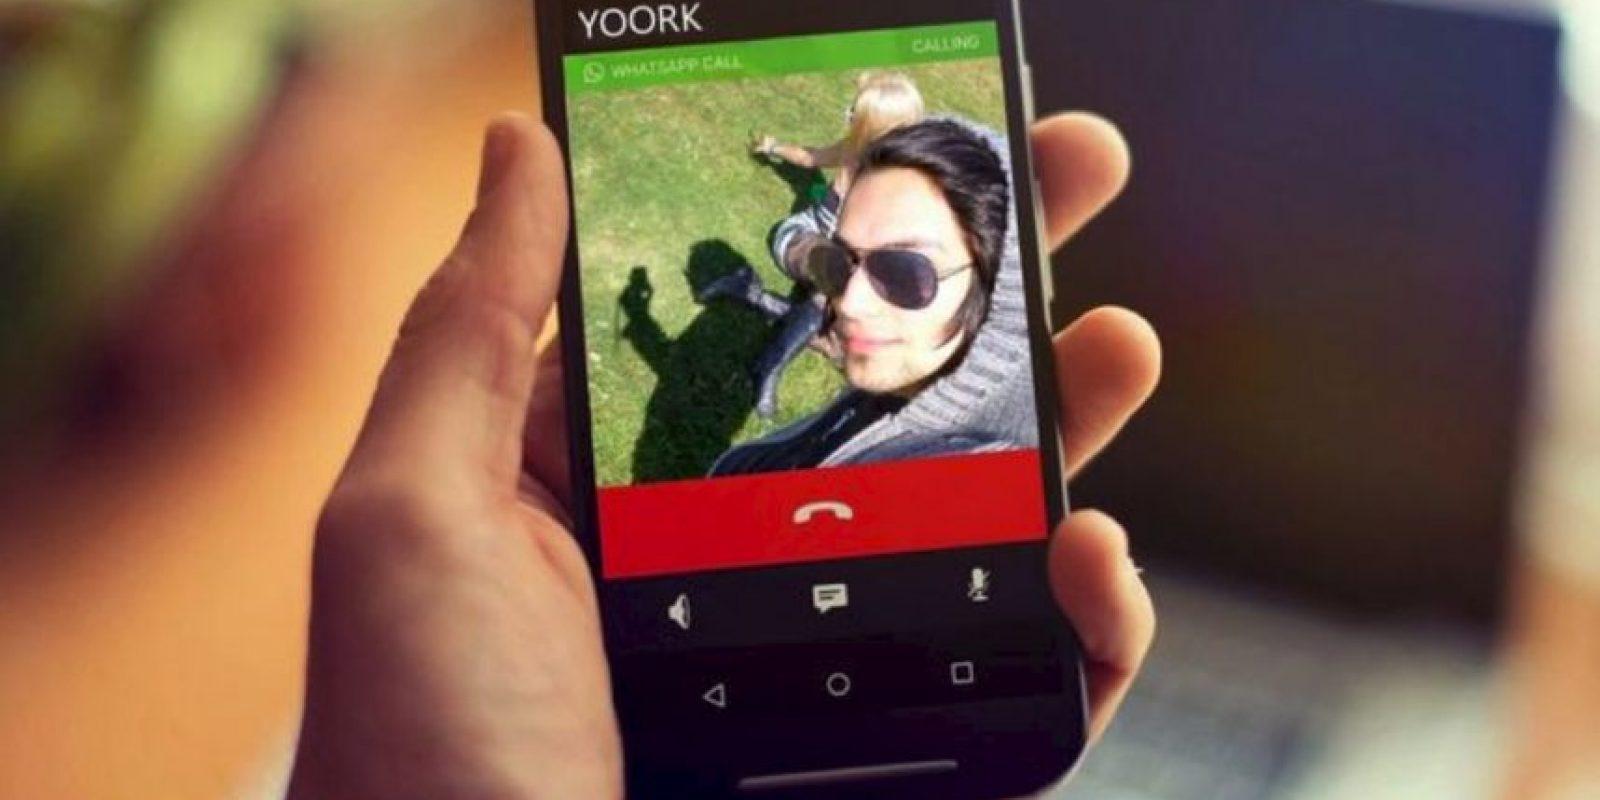 Un usuario comprobó que bastan cinco minutos para hackear una cuenta y utilizar la misma en otro smartphone sin que el dueño se entere Foto:Tumblr